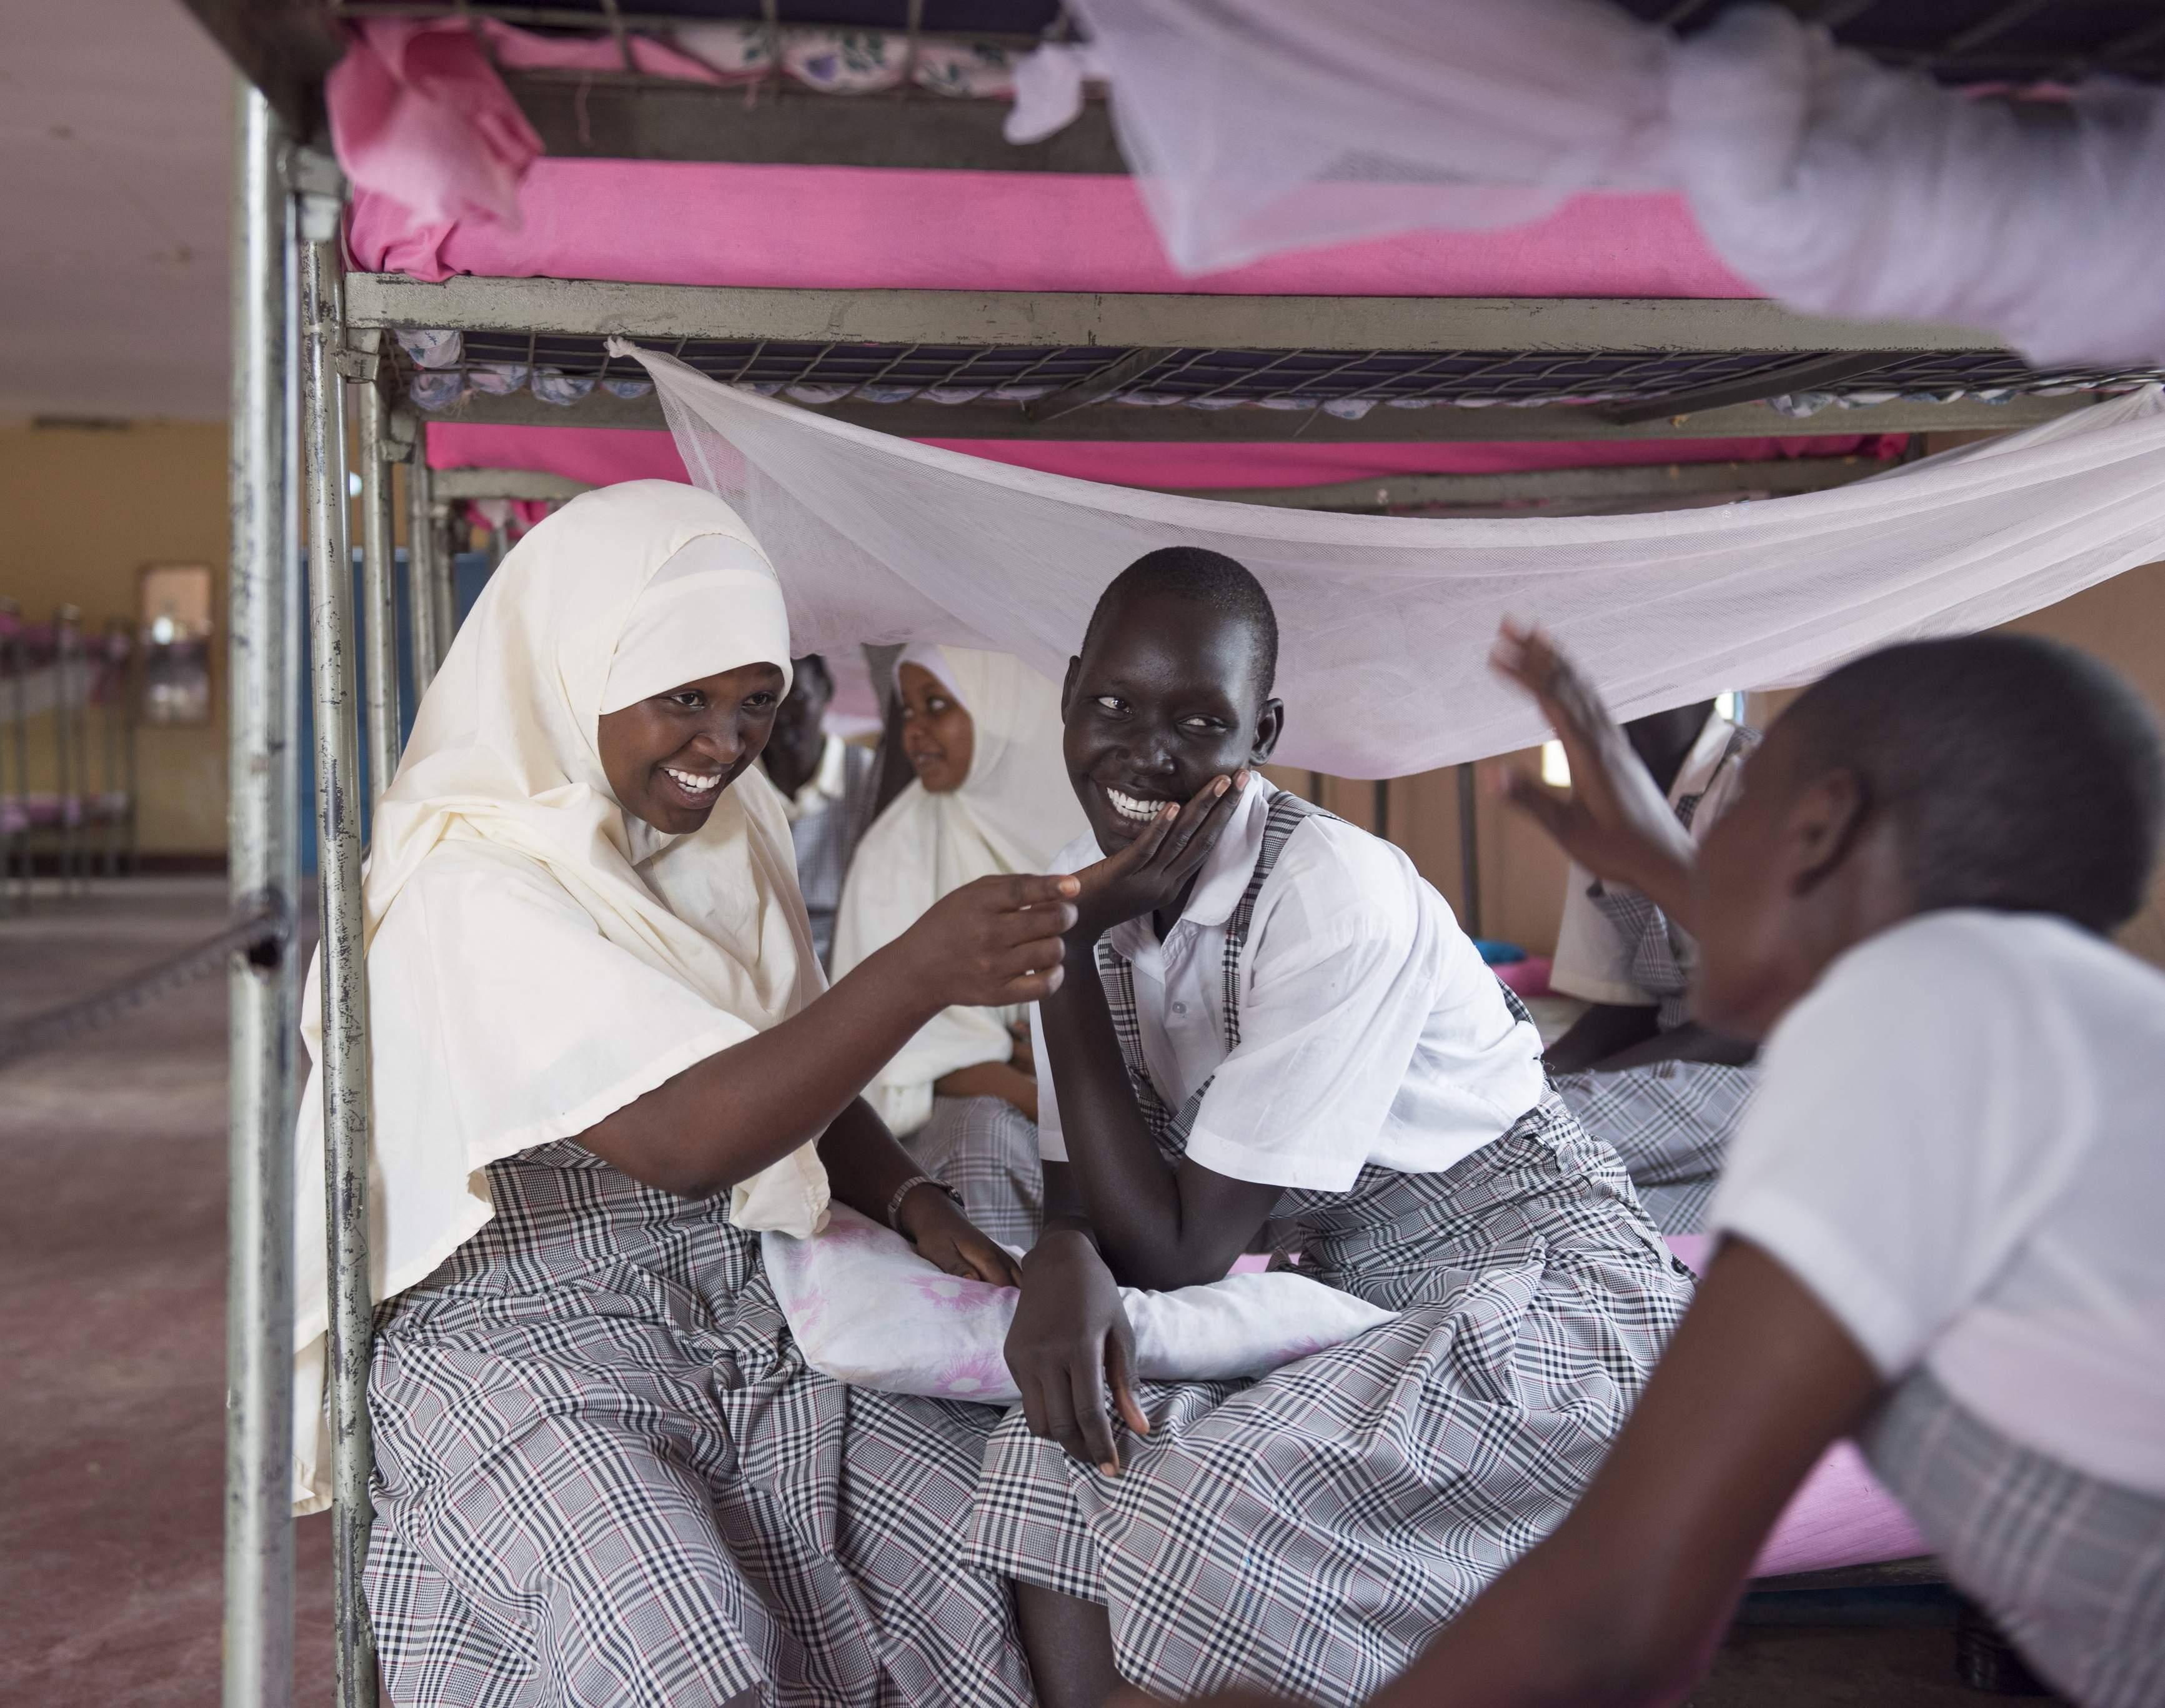 Mary se diverte com as amigas Mumina e Merinas no dormitório da escola onde estudam